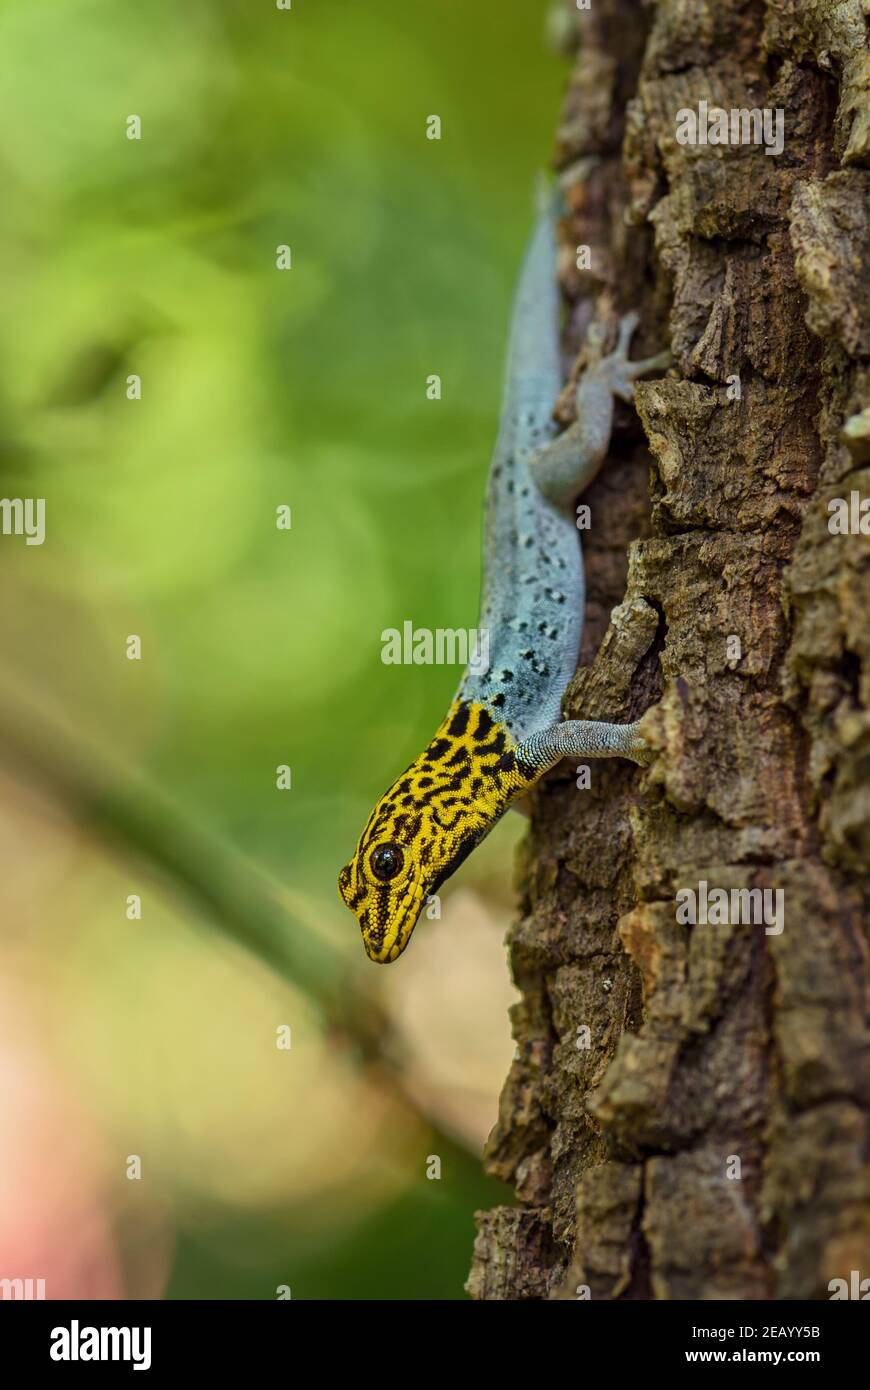 Gecko nain à tête jaune - Lygodactylus luteopicturatus, magnifique lézard coloré provenant de forêts et de forêts d'Afrique de l'est, Zanzibar, Tanzanie. Banque D'Images